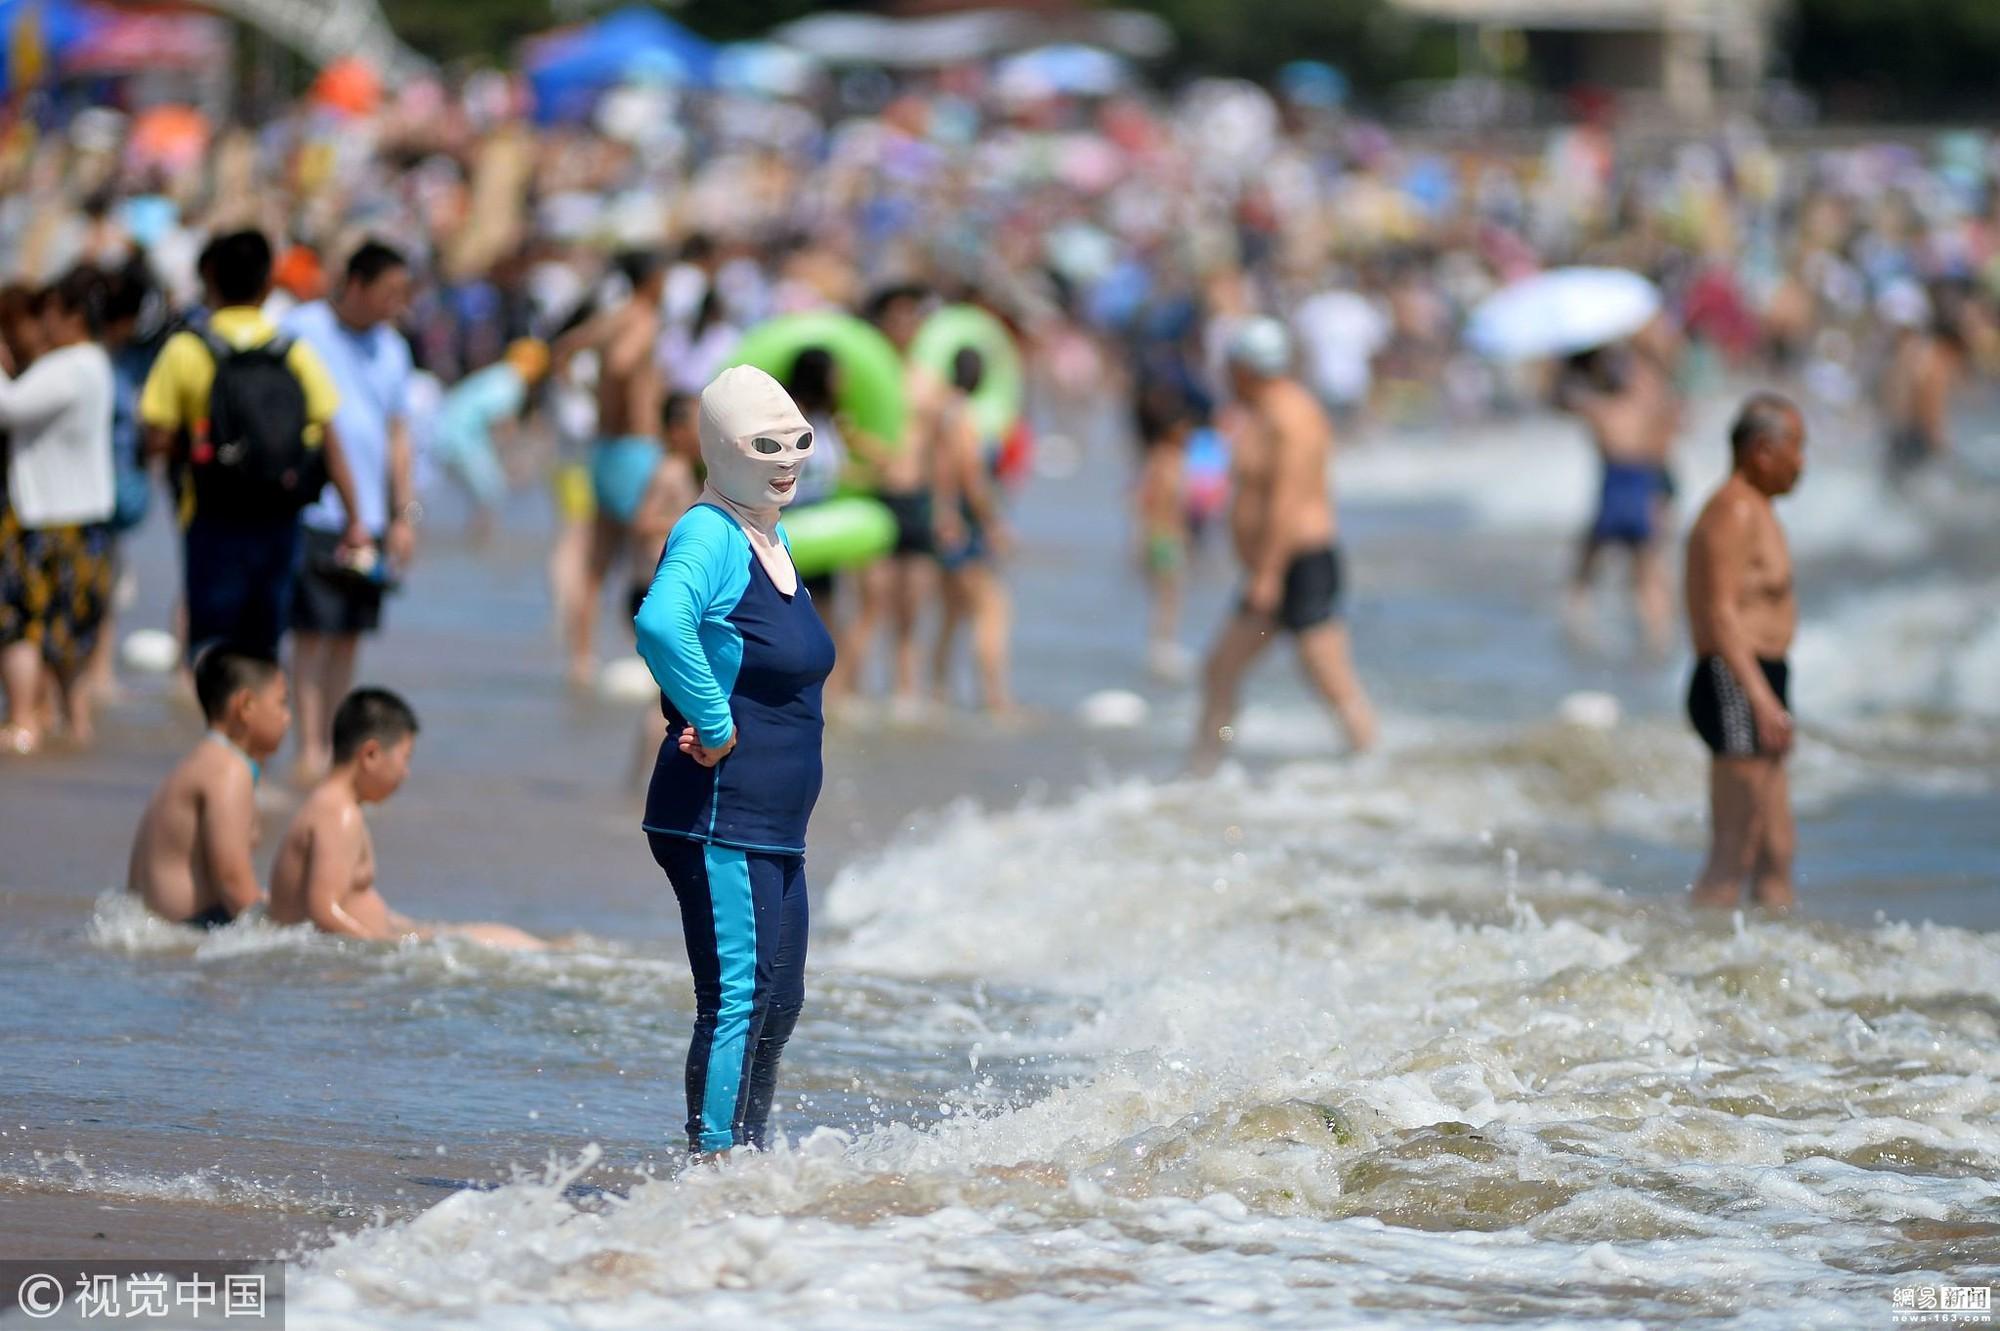 Đến hẹn lại lên, các bãi biển Trung Quốc nở rộ áo tắm Ninja đi nghỉ mát của 500 chị em sợ cháy nắng - Ảnh 2.